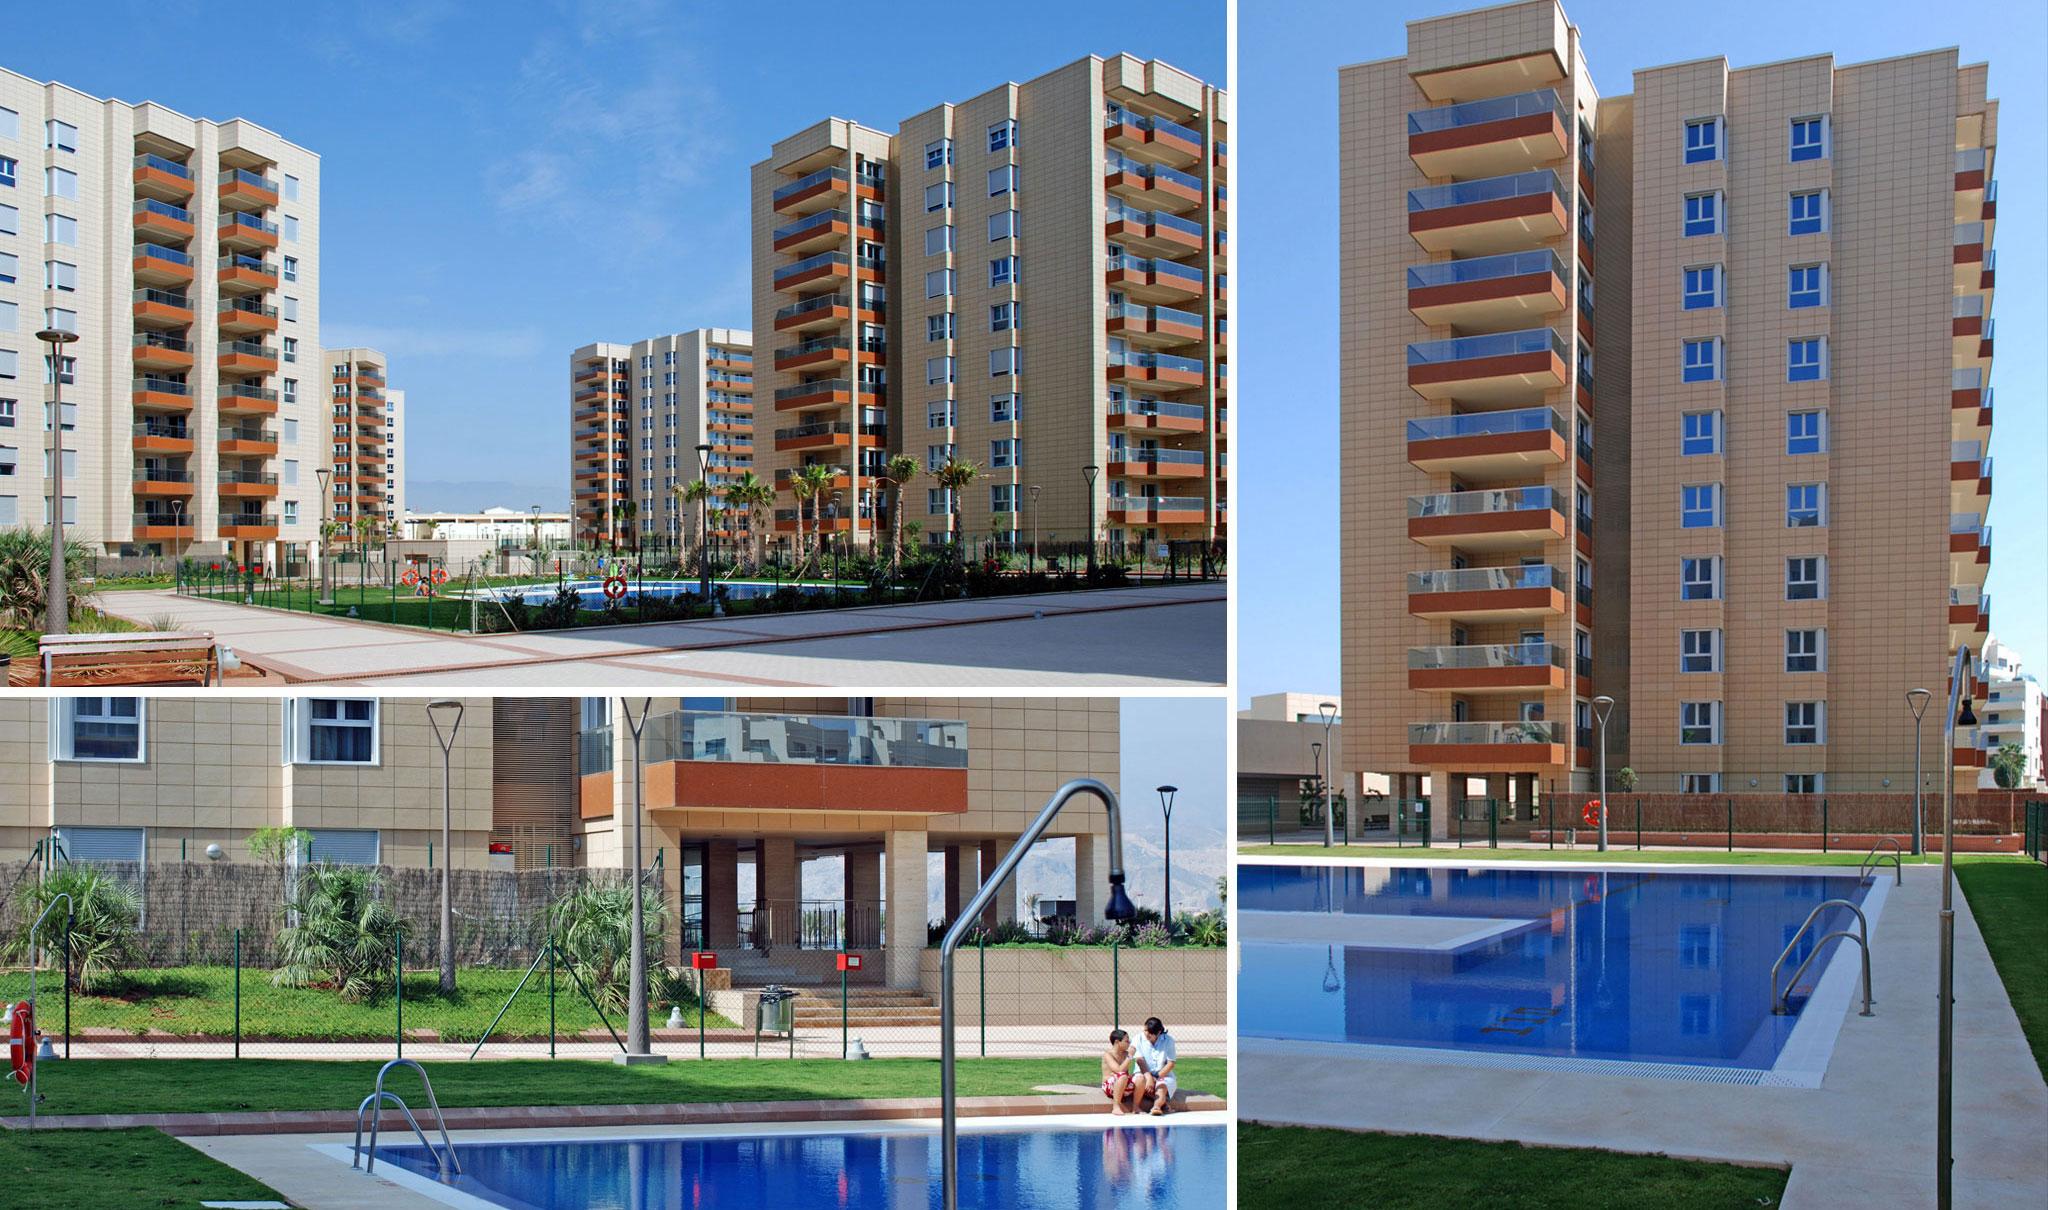 Proyecto de viviendas en la antigua t rmica almer a - Vivienda en almeria ...